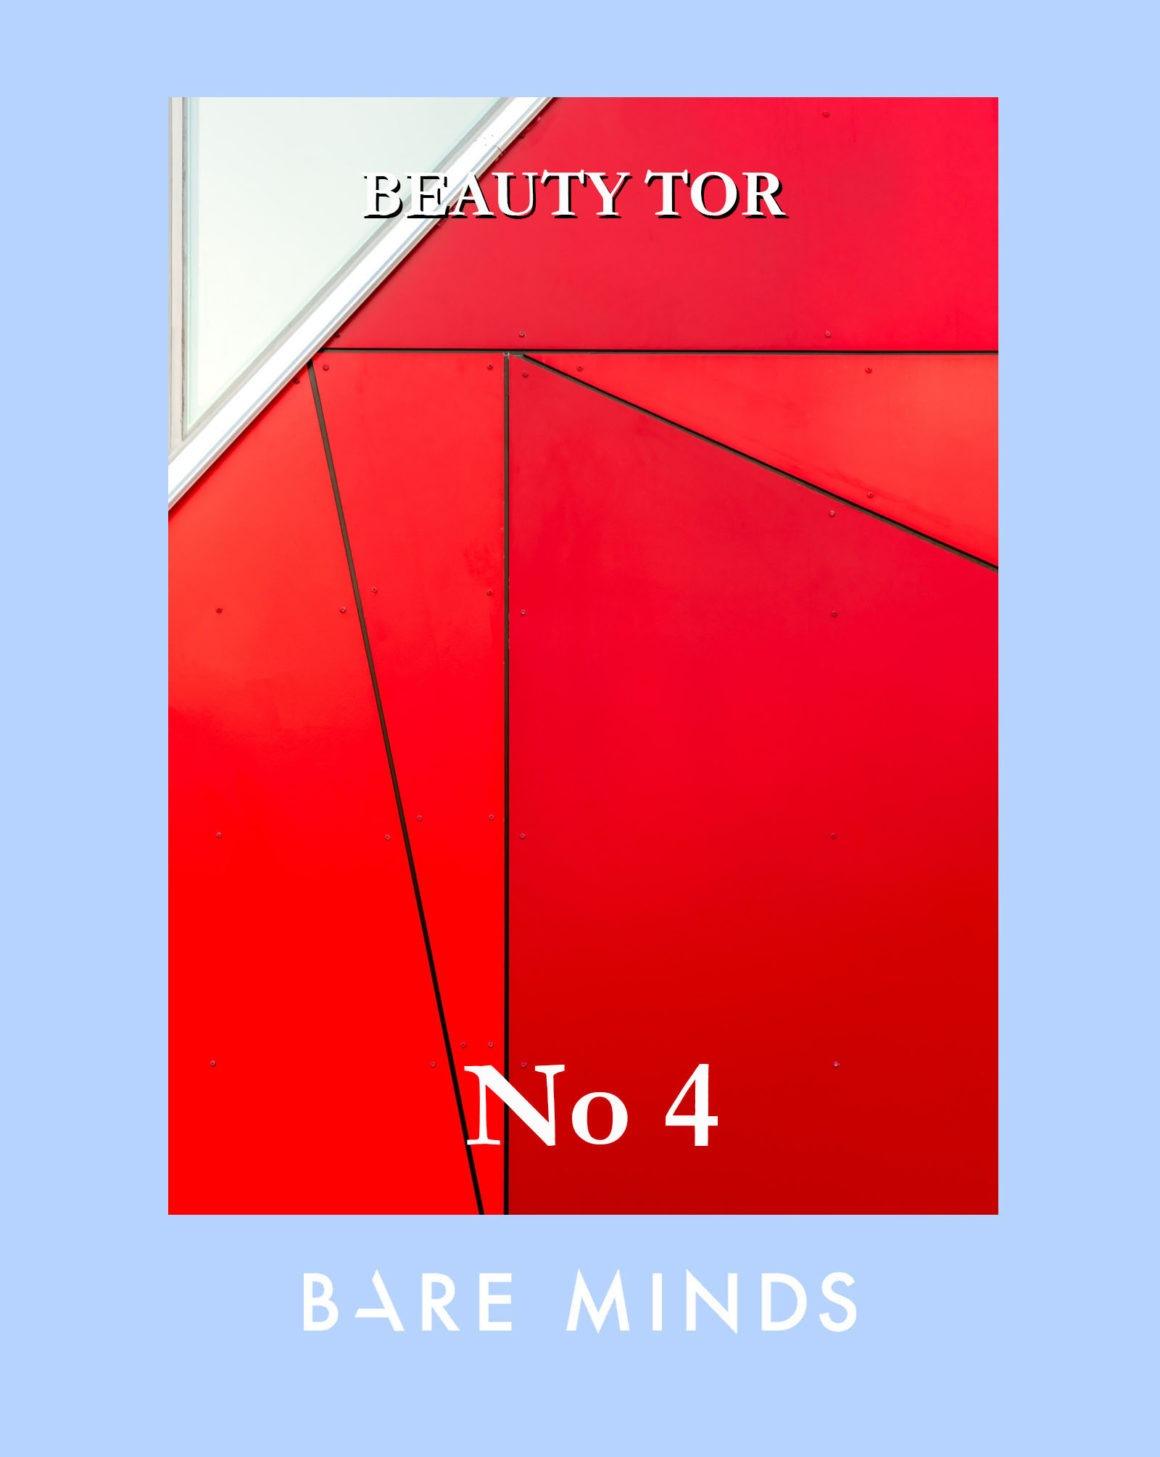 Beautyblog Bare Minds Beauty Adventskalender Tür_4_final